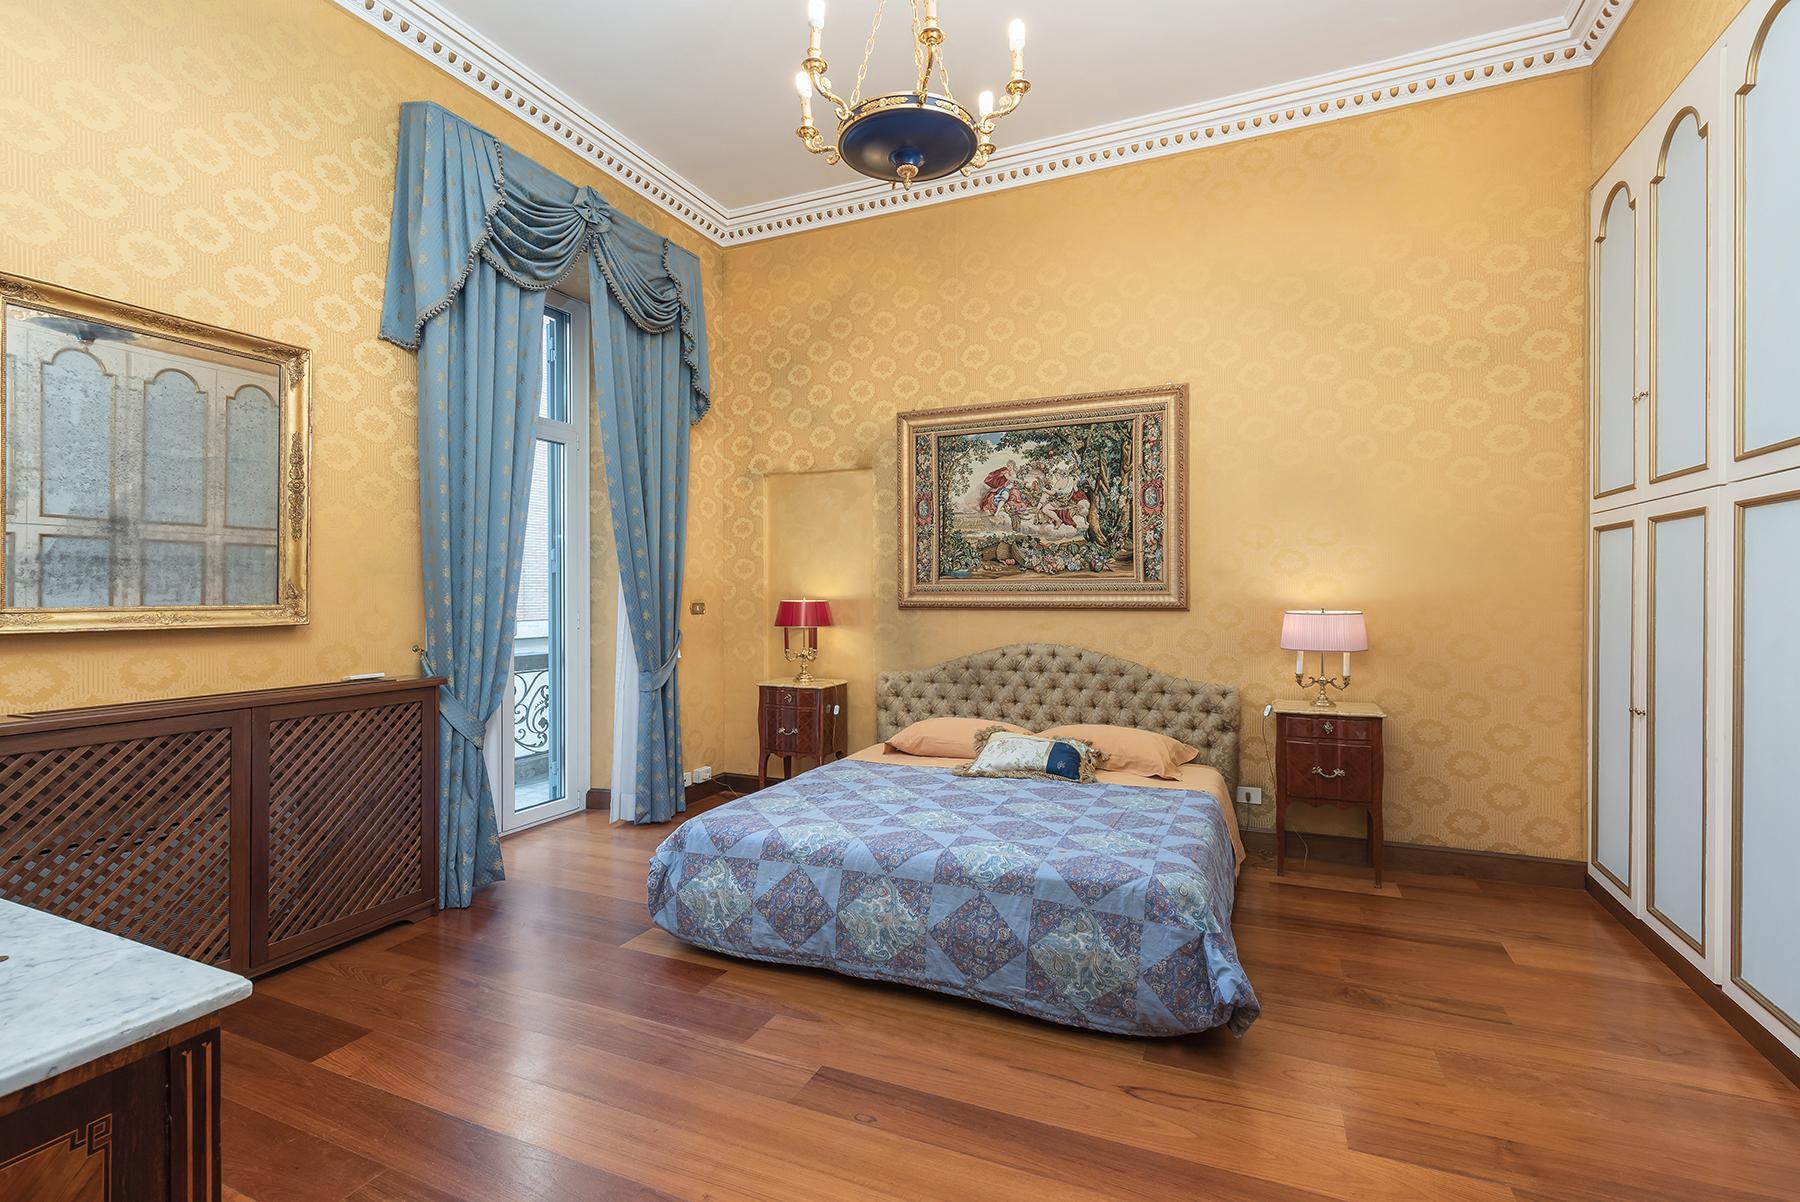 Роскошная квартира с большой террасой  в элегантном здании начала 900 года - 8